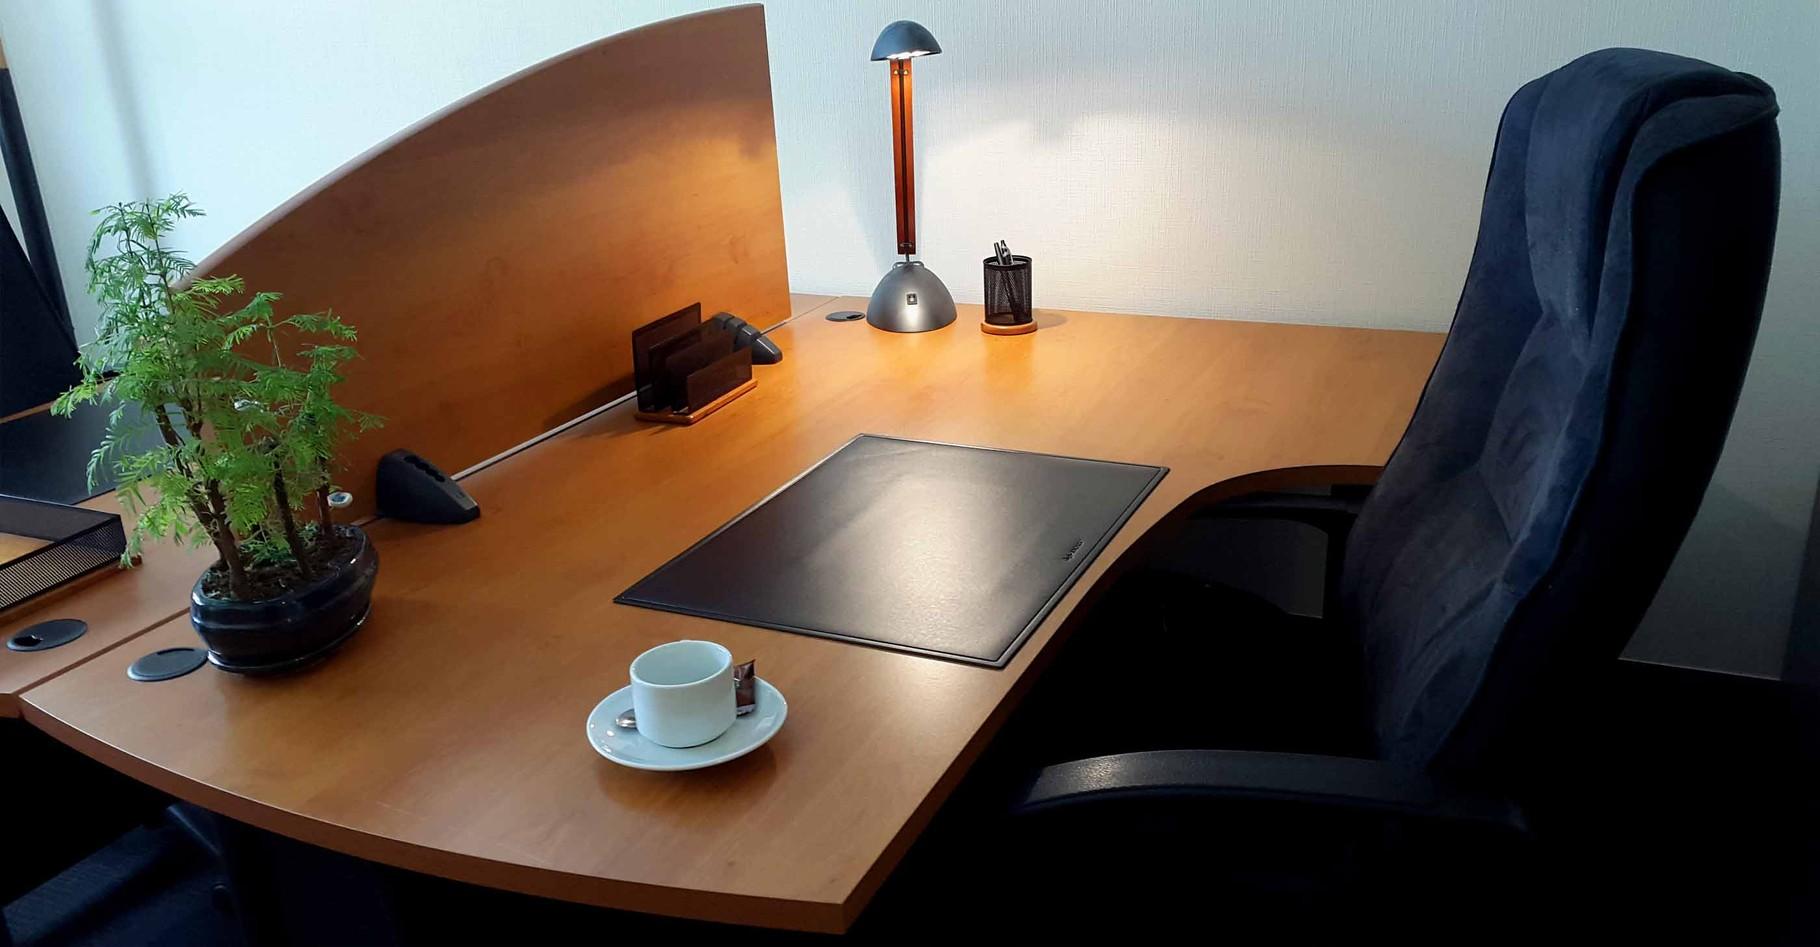 Location bureau meublé journée journée mois centre d